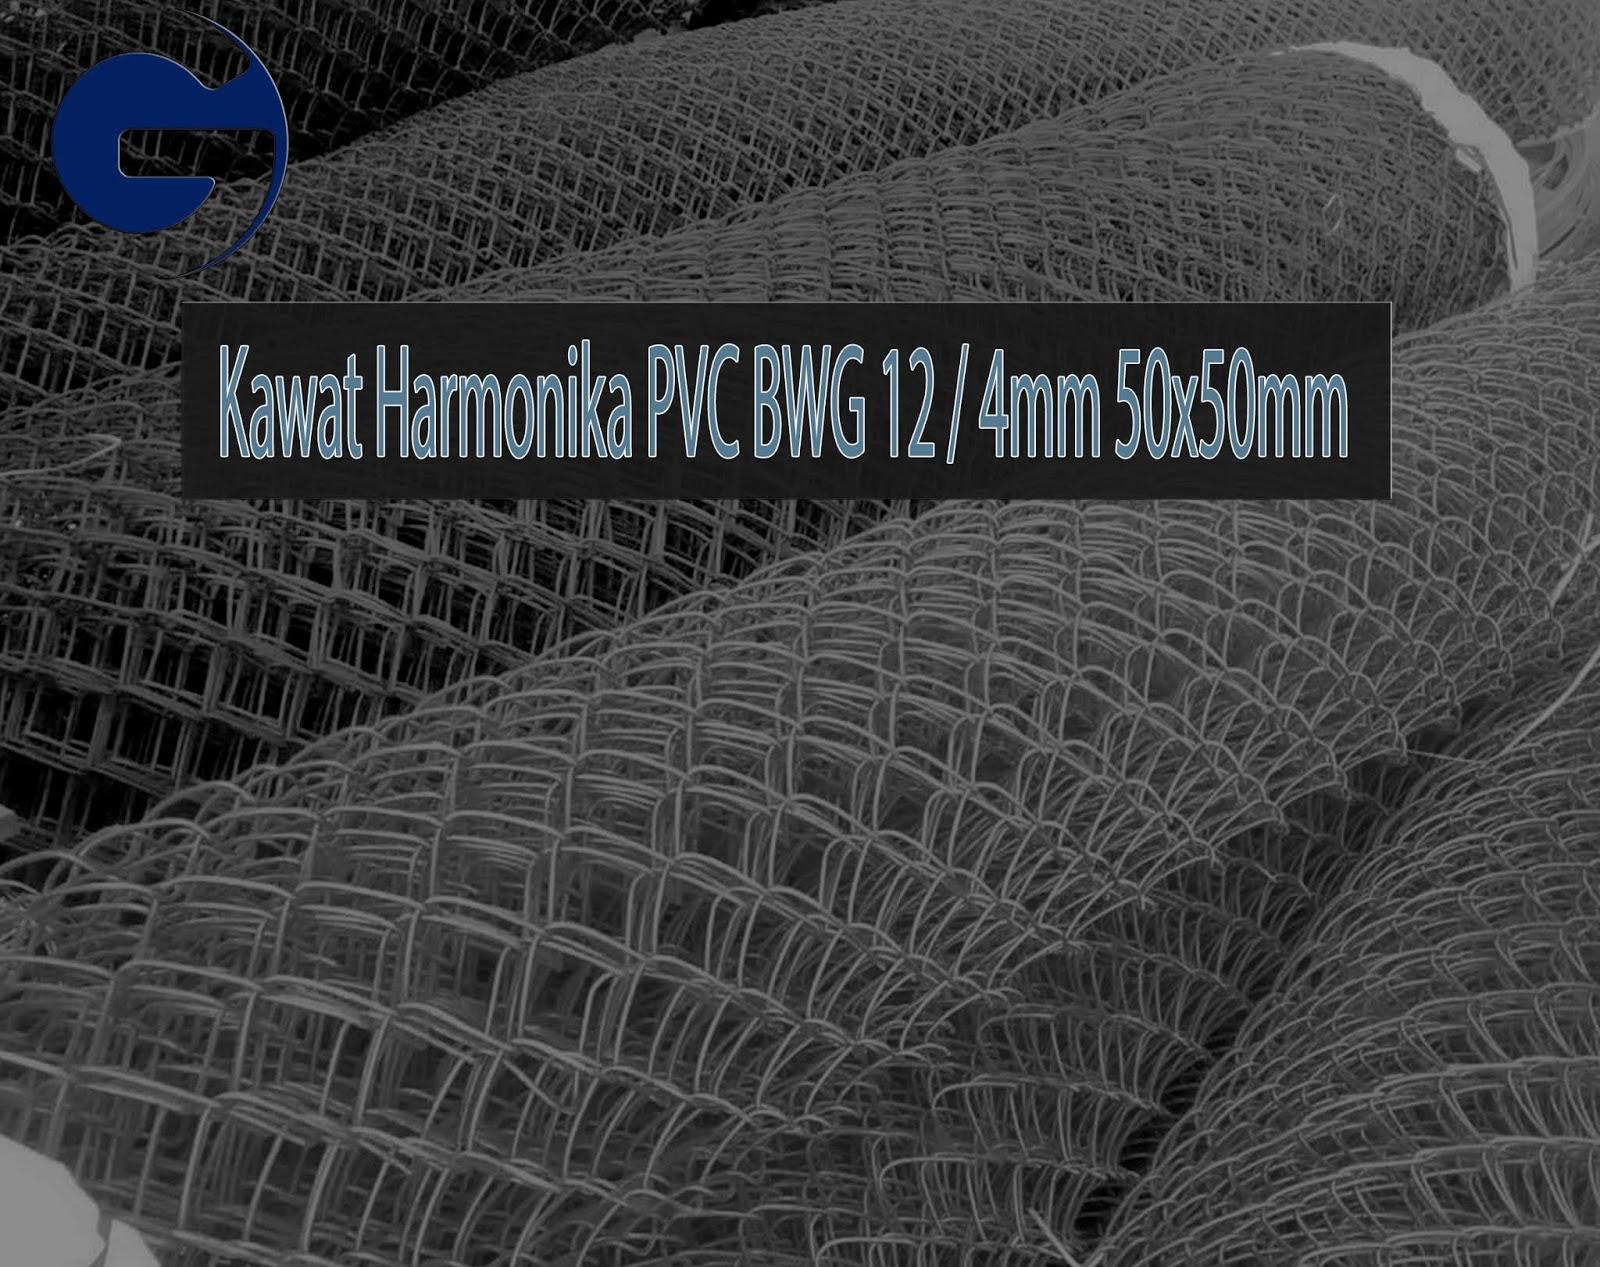 Jual Kawat Harmonika PVC SNI BWG 12/4mm 50x50mm